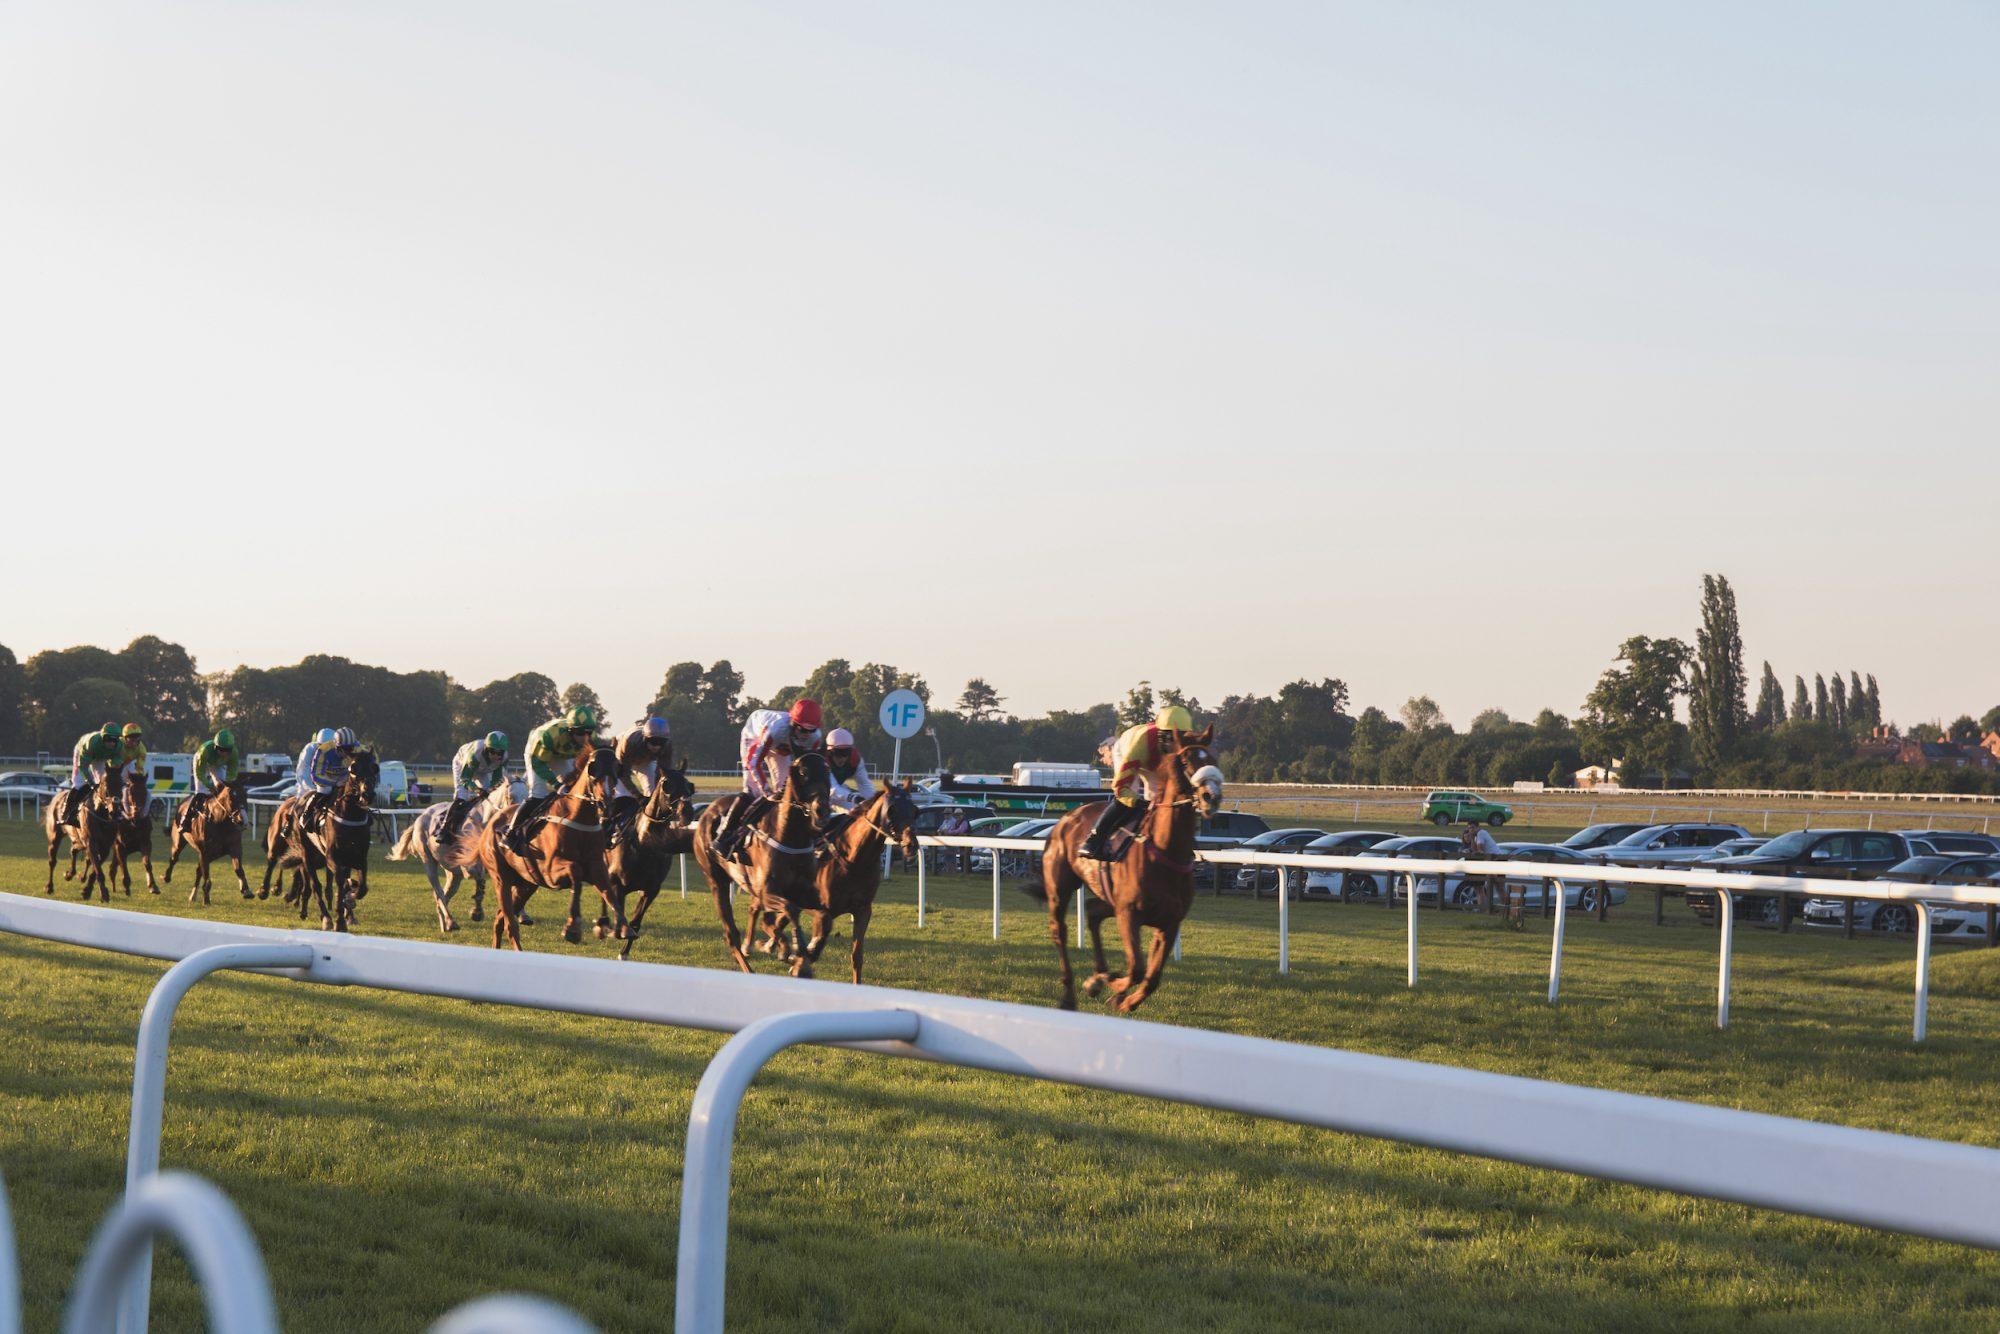 Qatari Horses Continue to Dominate in International Races